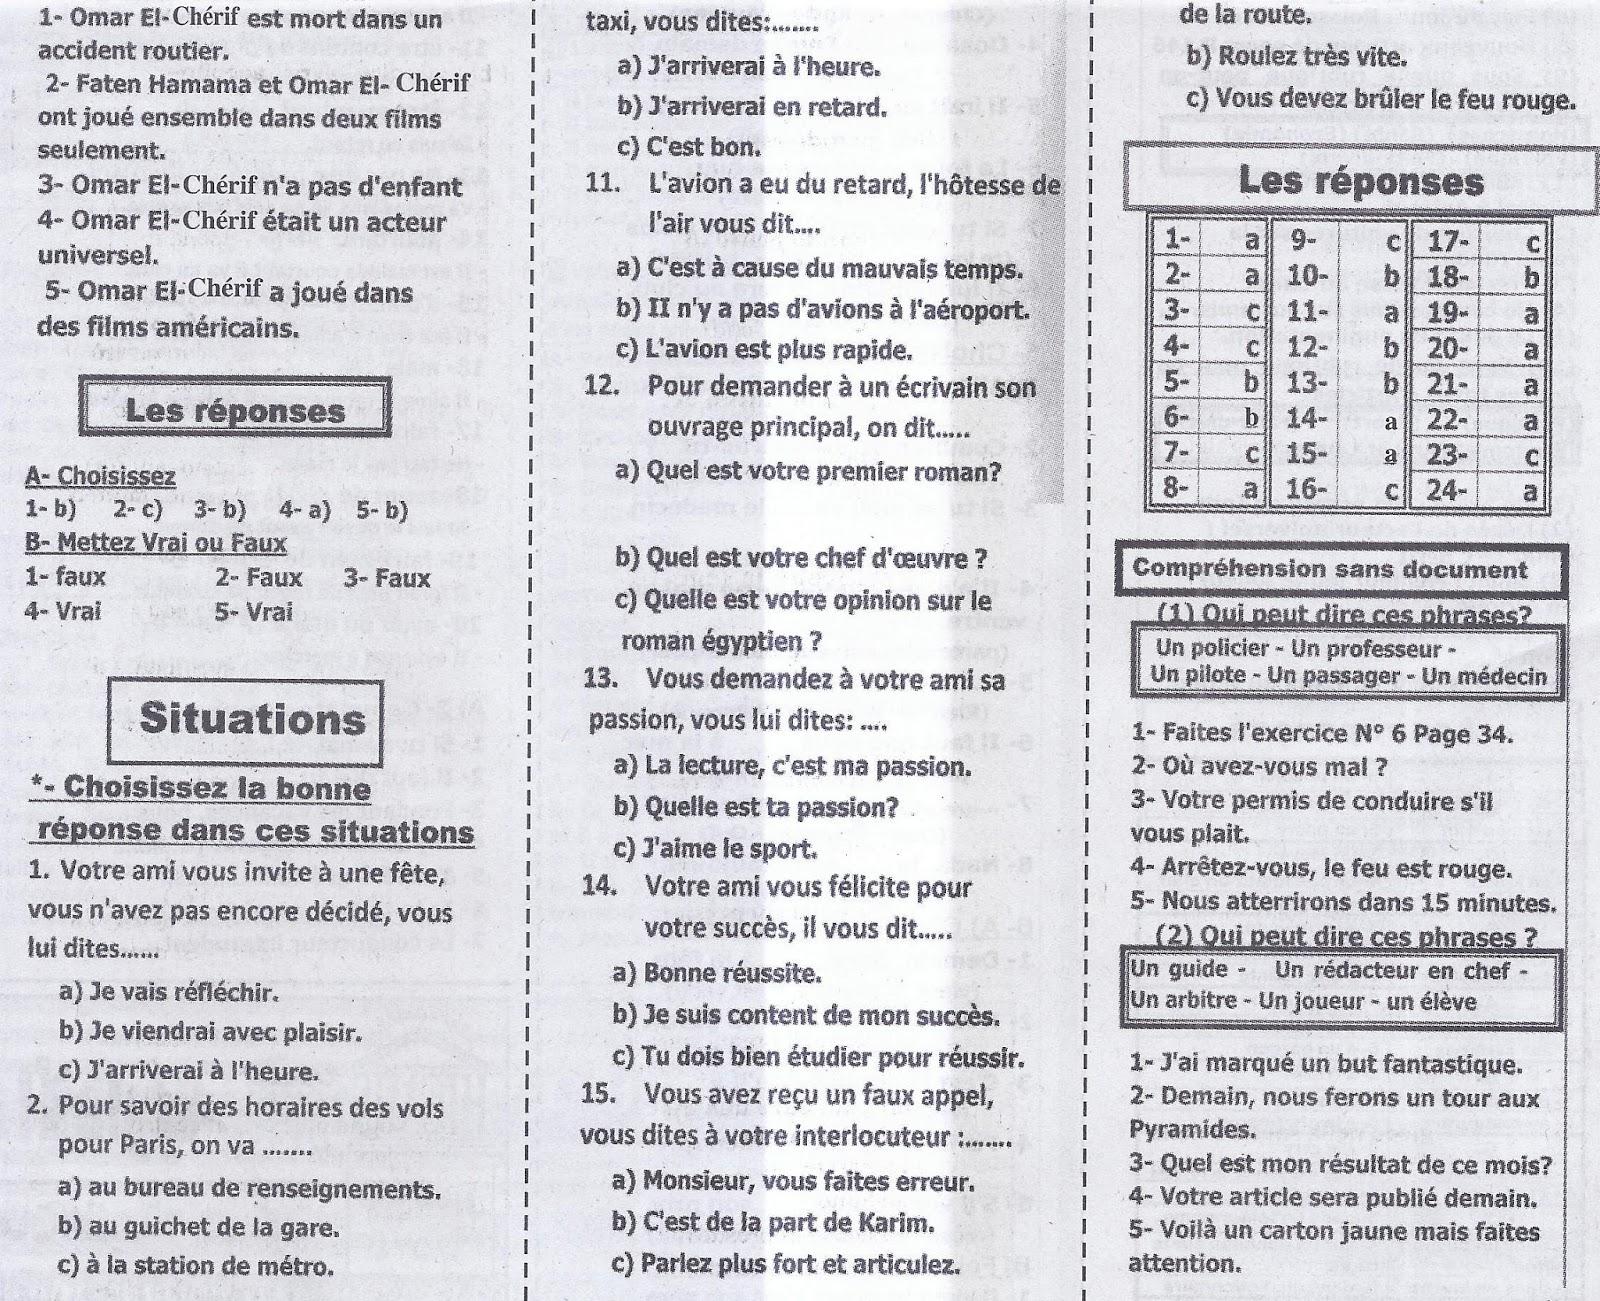 أهم أسئلة اللغة الفرنسية المتوقعة لامتحان الثانوية العامة 2016 بالاجابات  7